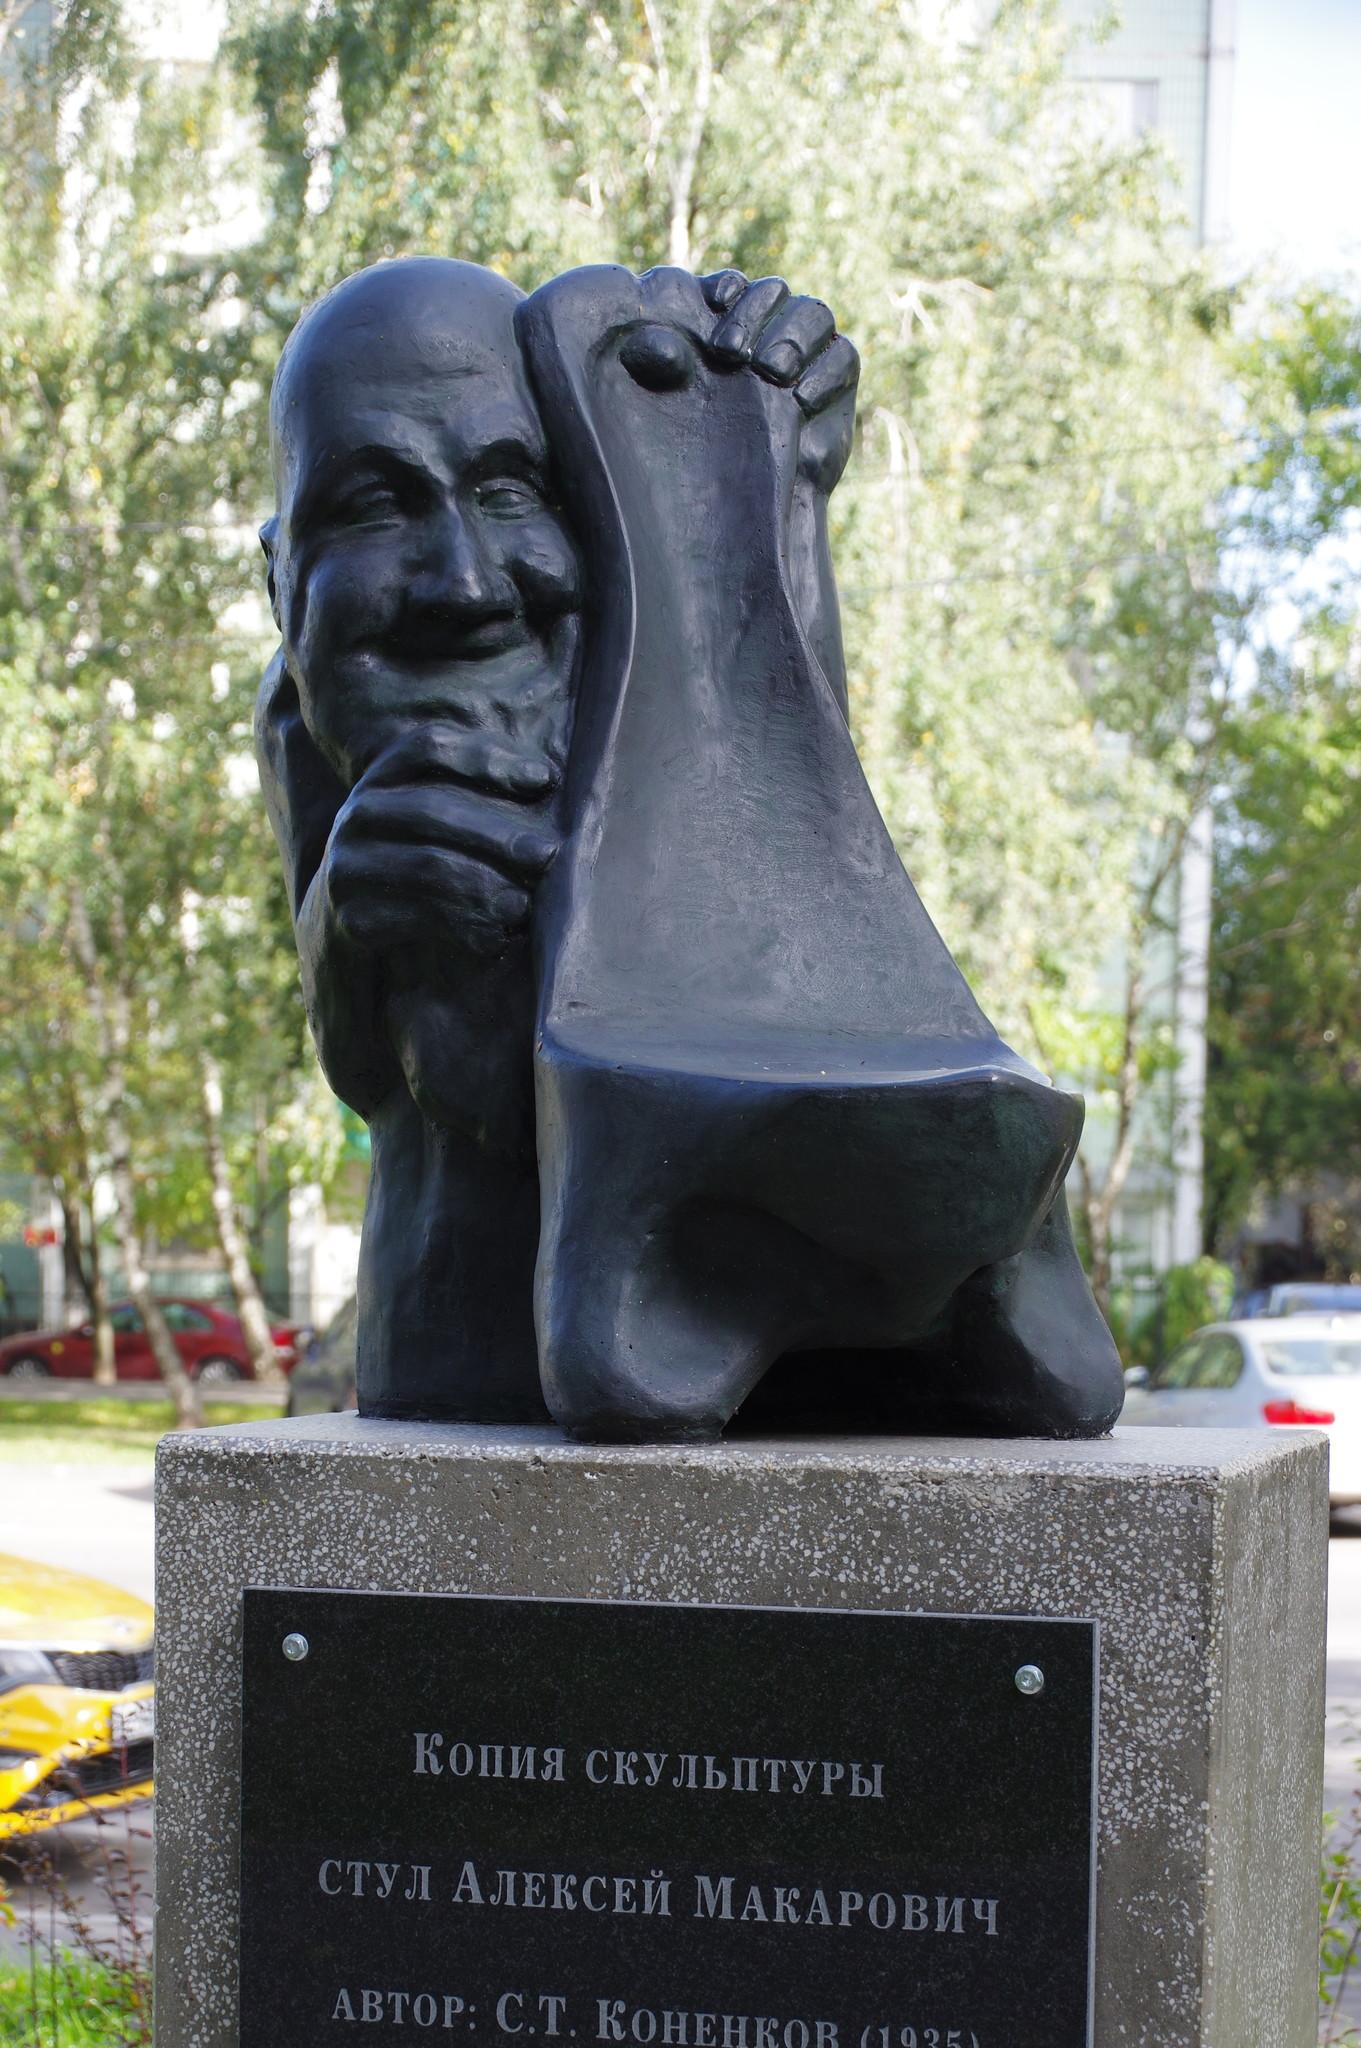 Копия скульпторы Стул Алексей Макарович. Автор: Сергей Тимофеевич Конёнков (1935) на улице Конёнкова